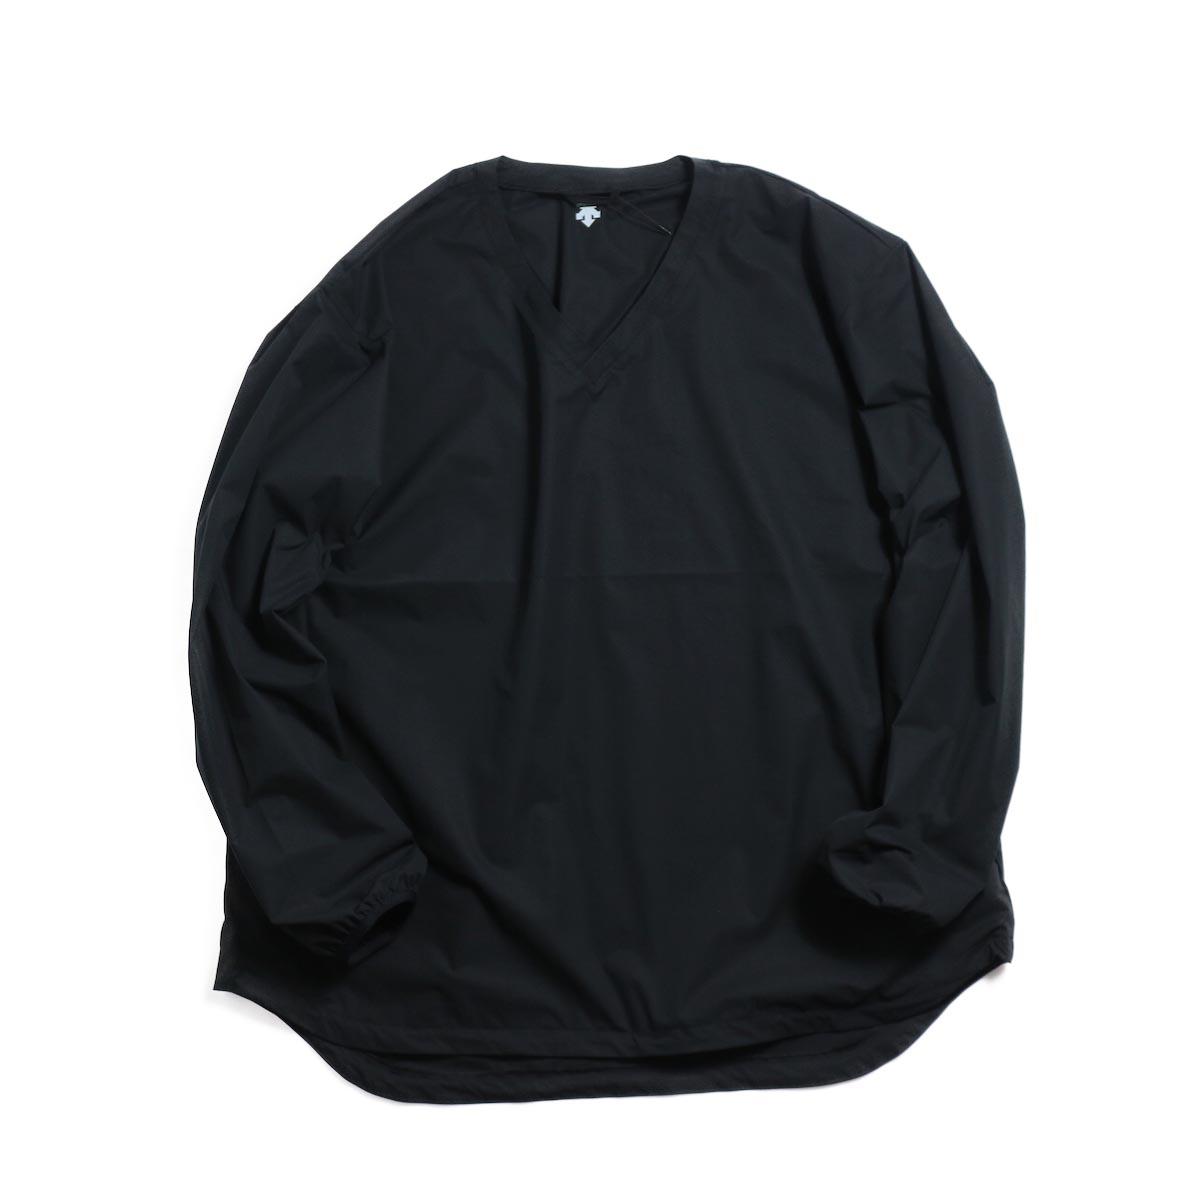 DESCENTE ddd / L/S Pullover Shirt -BLACK